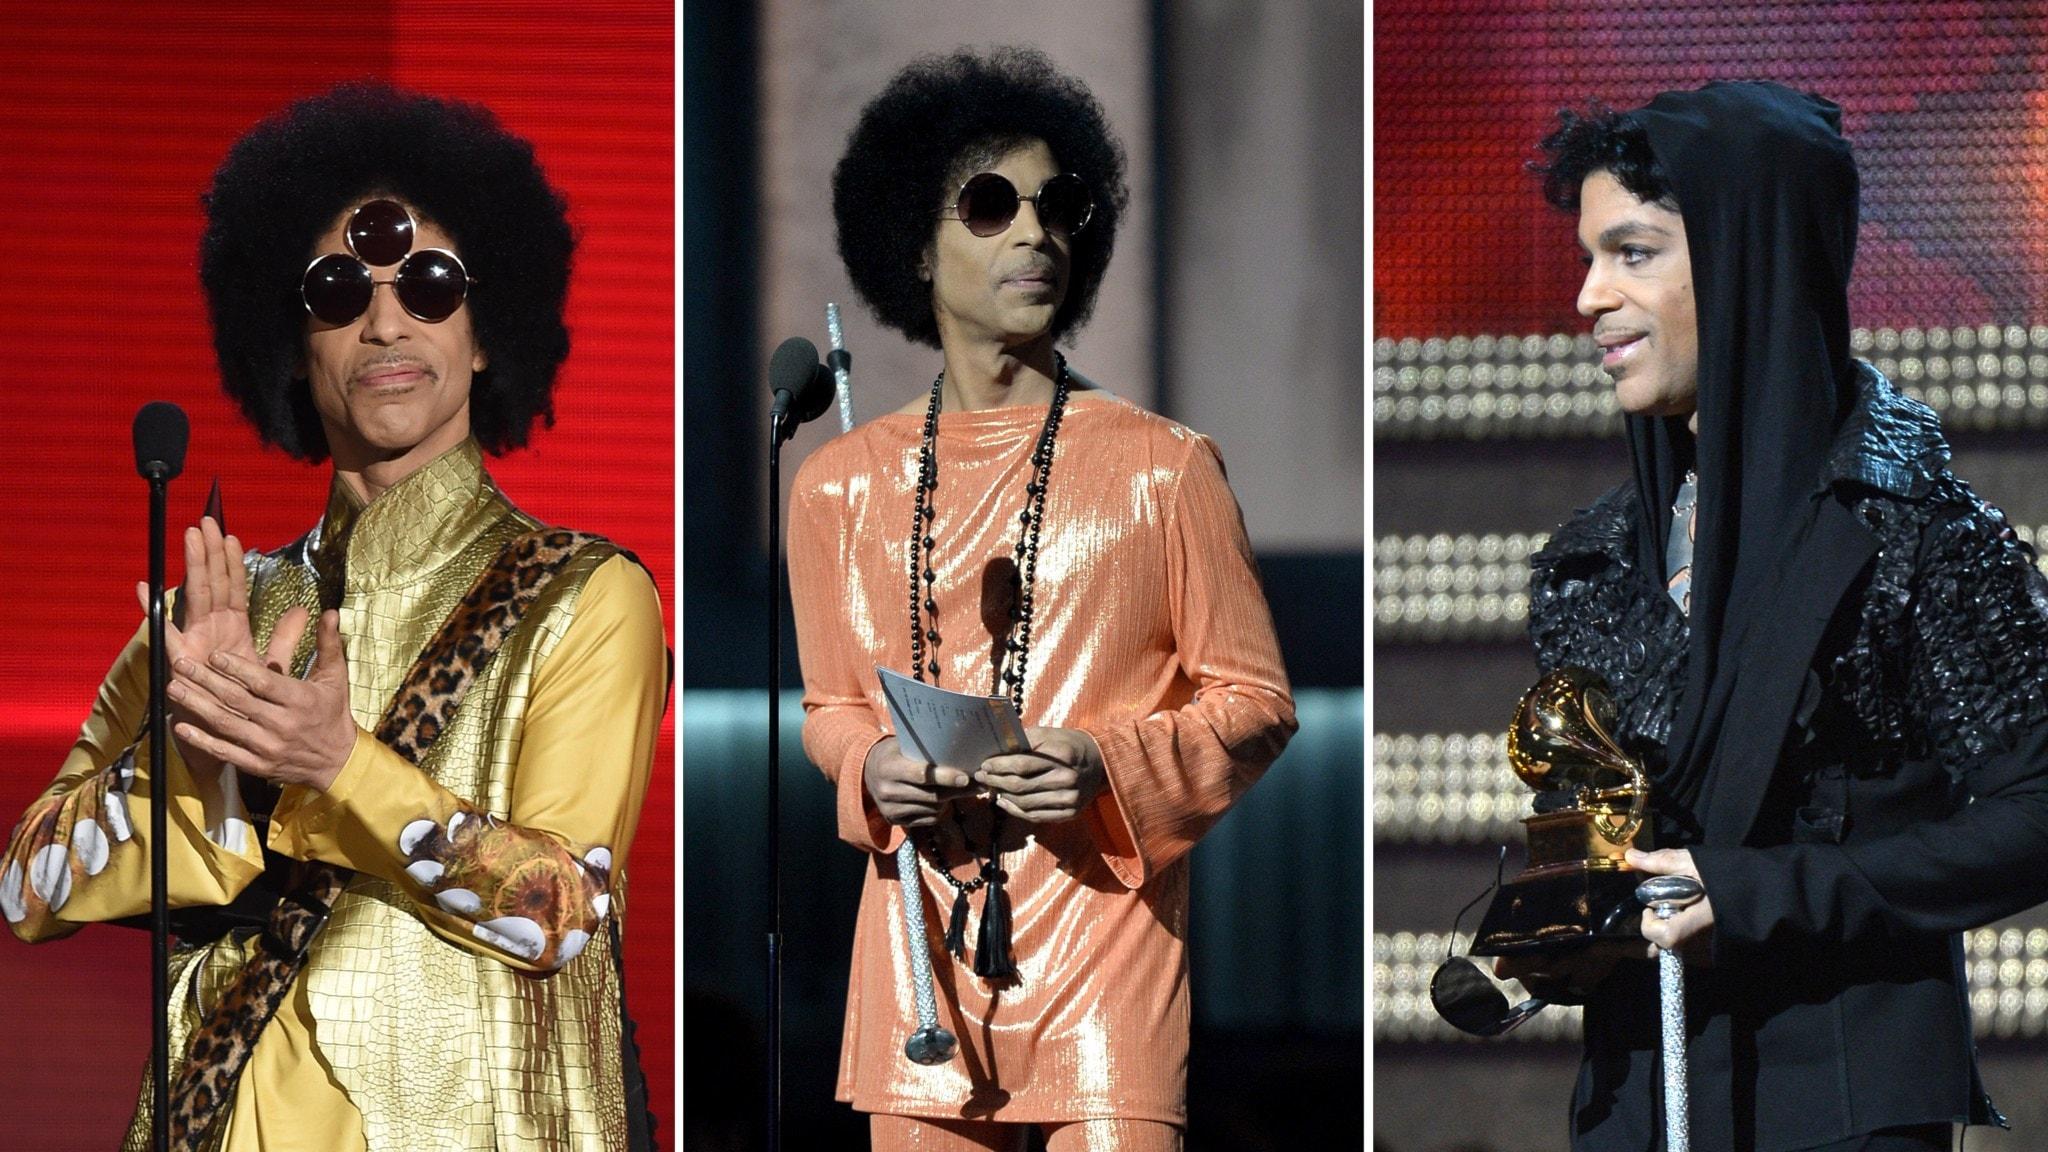 Därför älskar vi Prince (1958-2016)